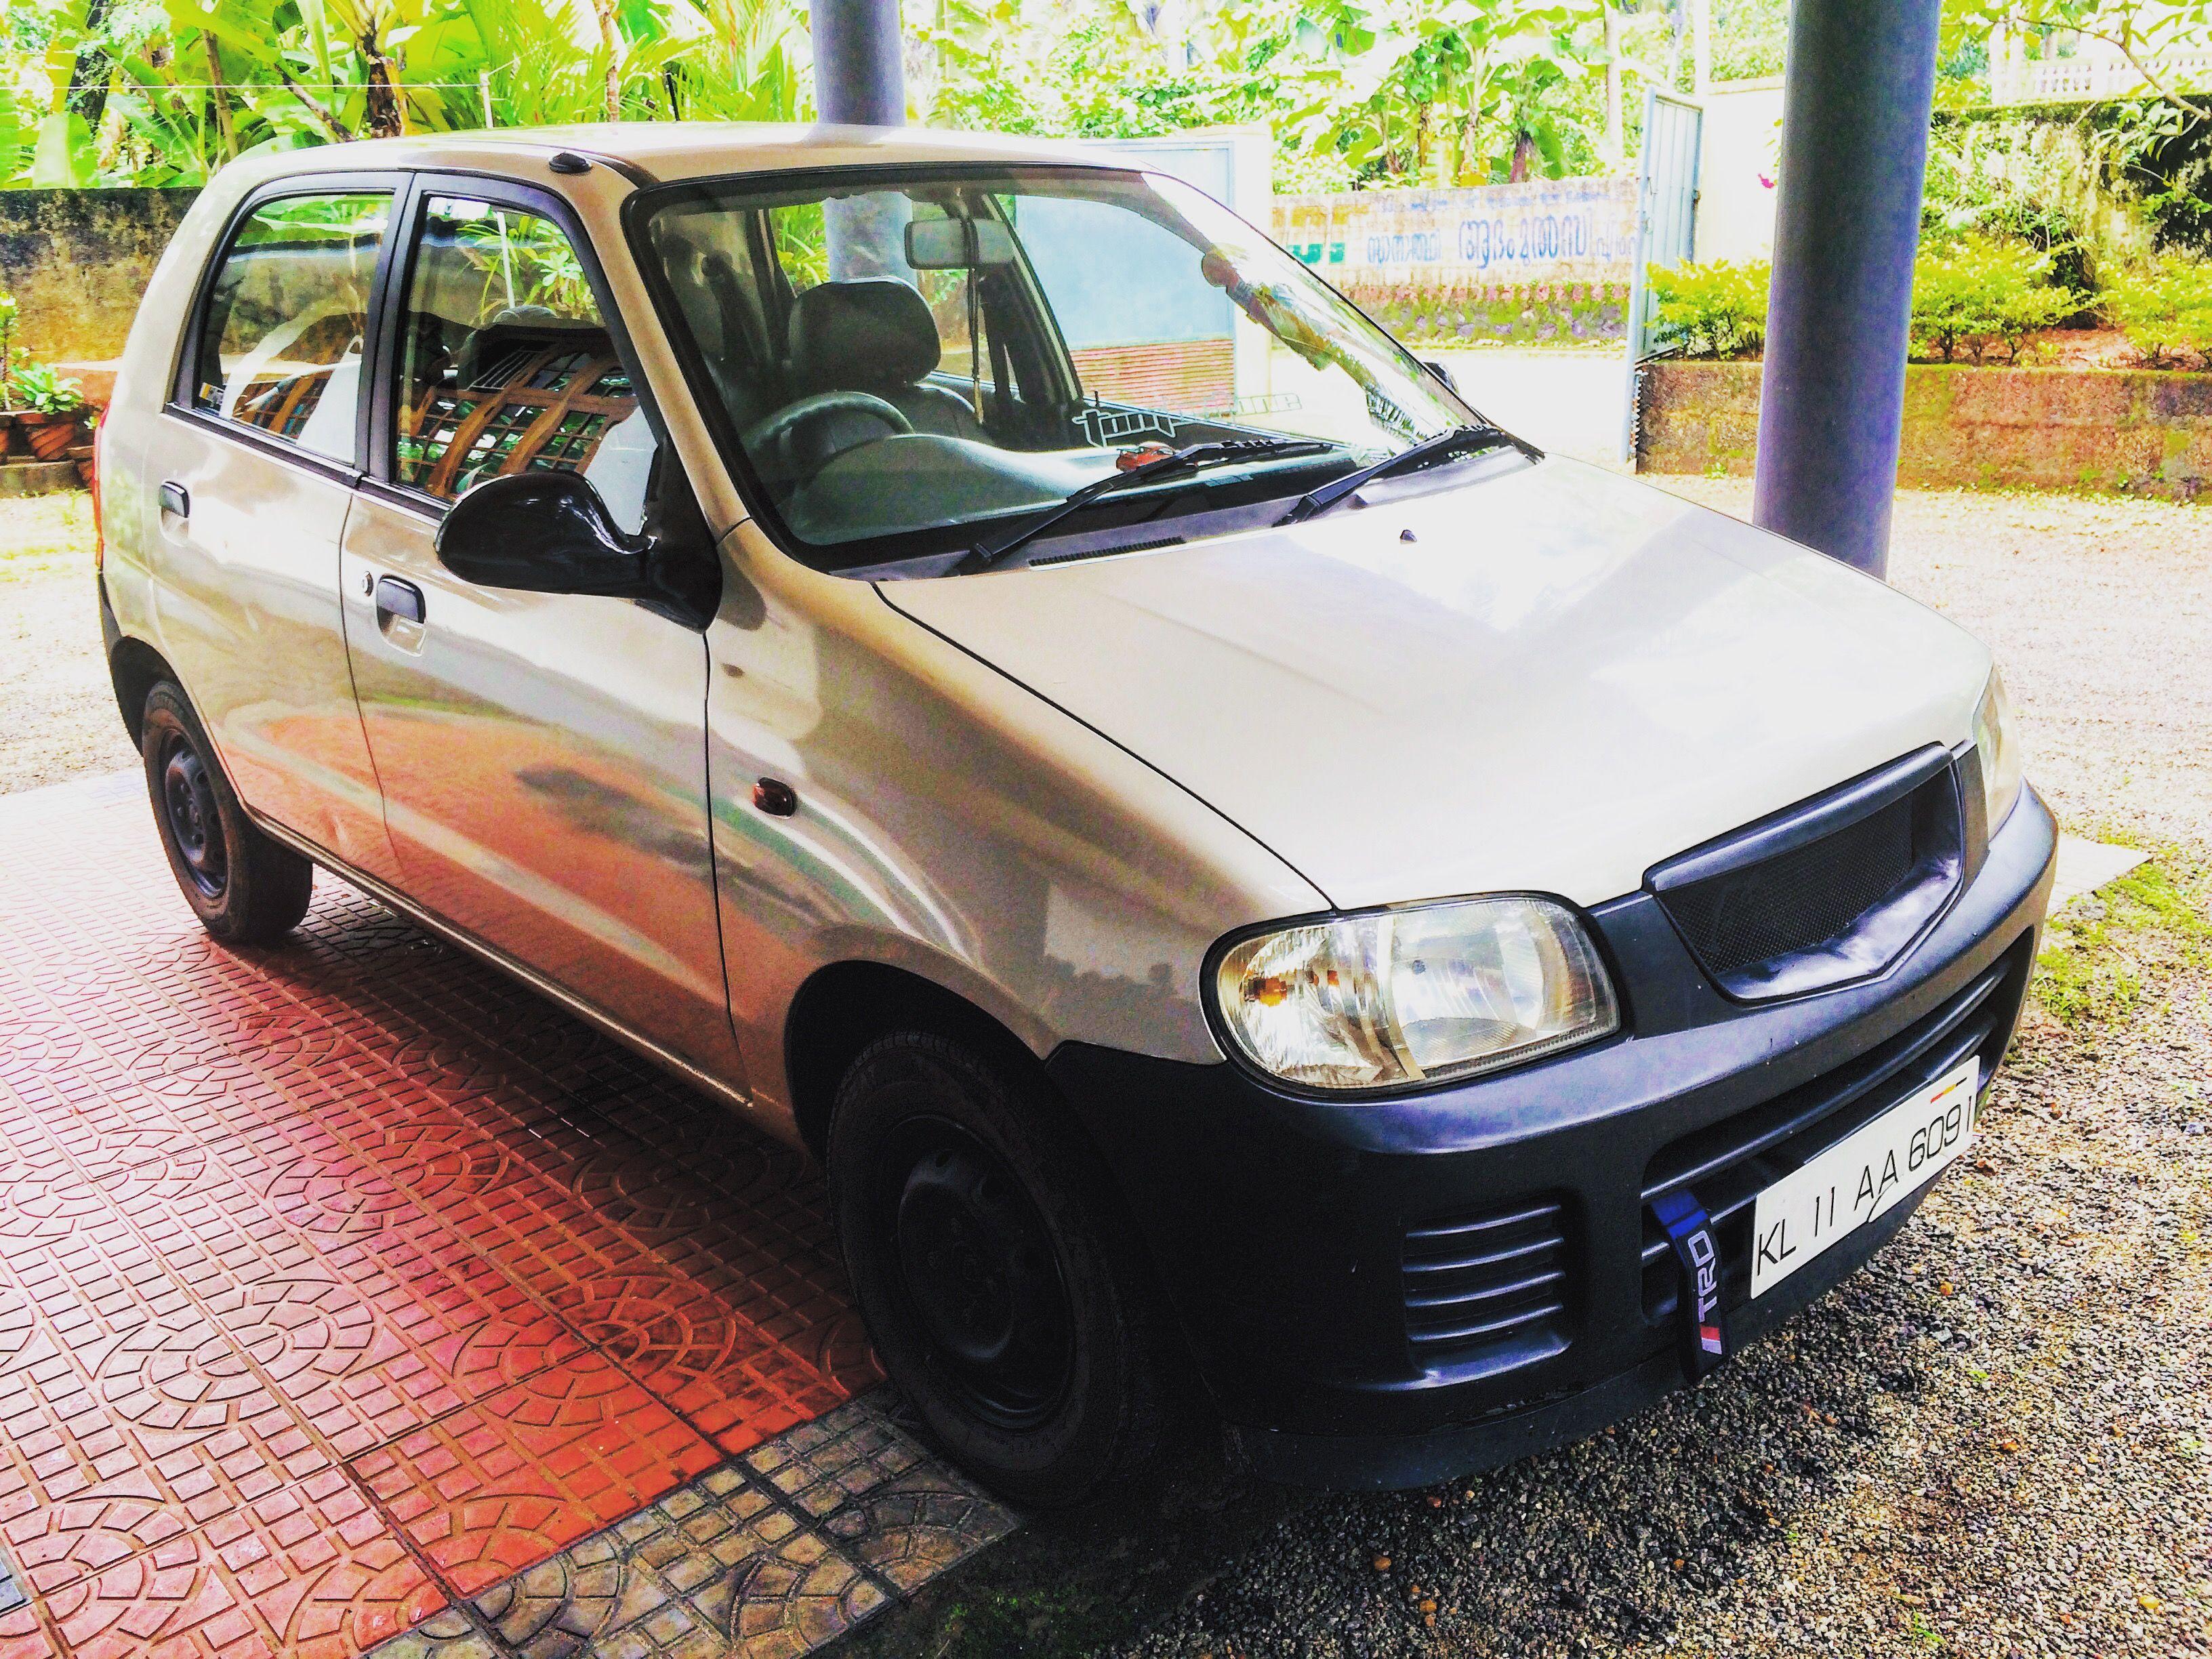 Modifiedalto Altodictz Marutisuzukiclubkeralamsck Maruti Suzuki Club Kerala Marutisuzukialto Marutisuzukiclubk Modified Cars Maruti Suzuki Alto Suzuki